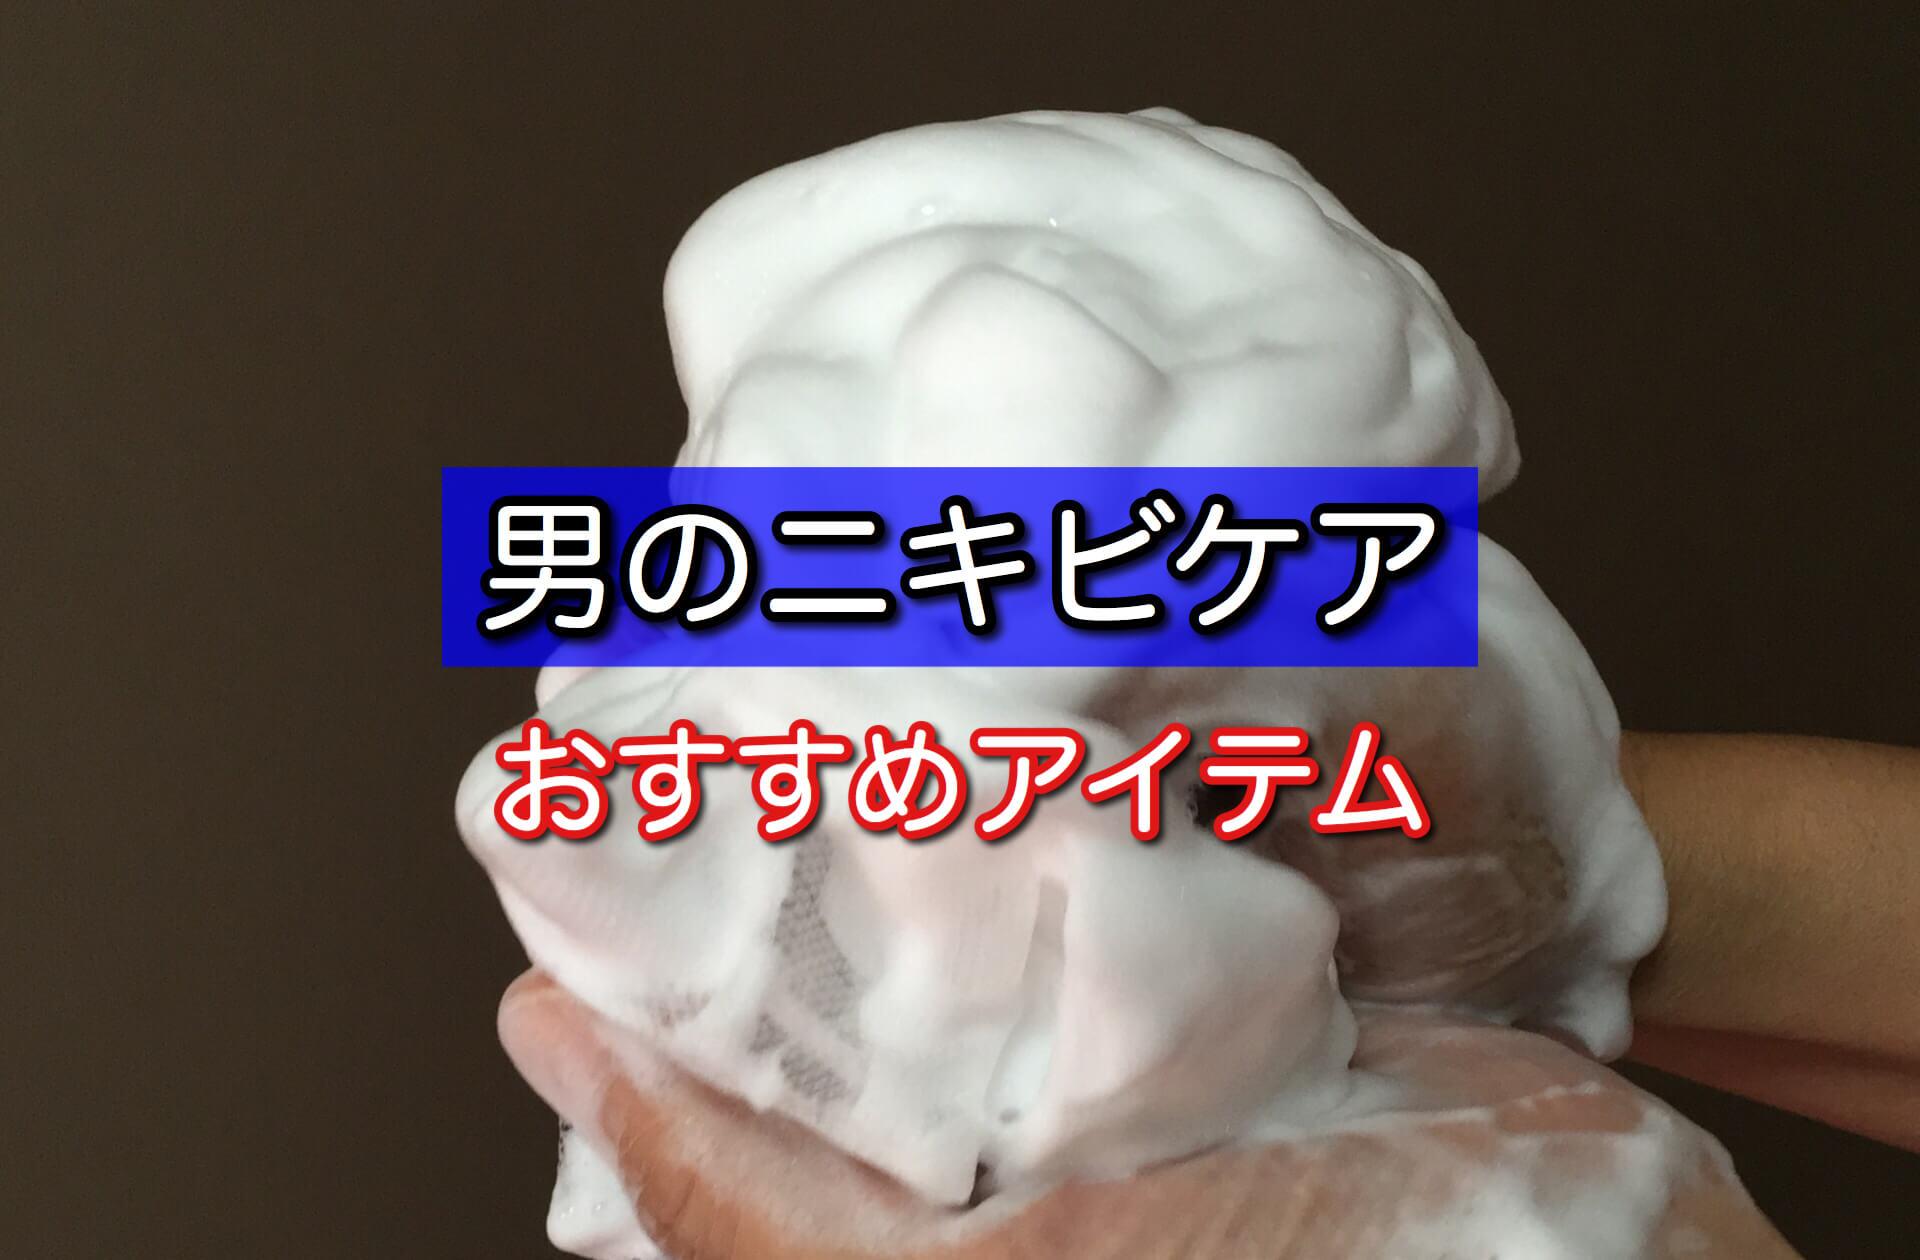 【メンズ必見】男のニキビケア商品おすすめ3選!原因を把握してきちんと対策!